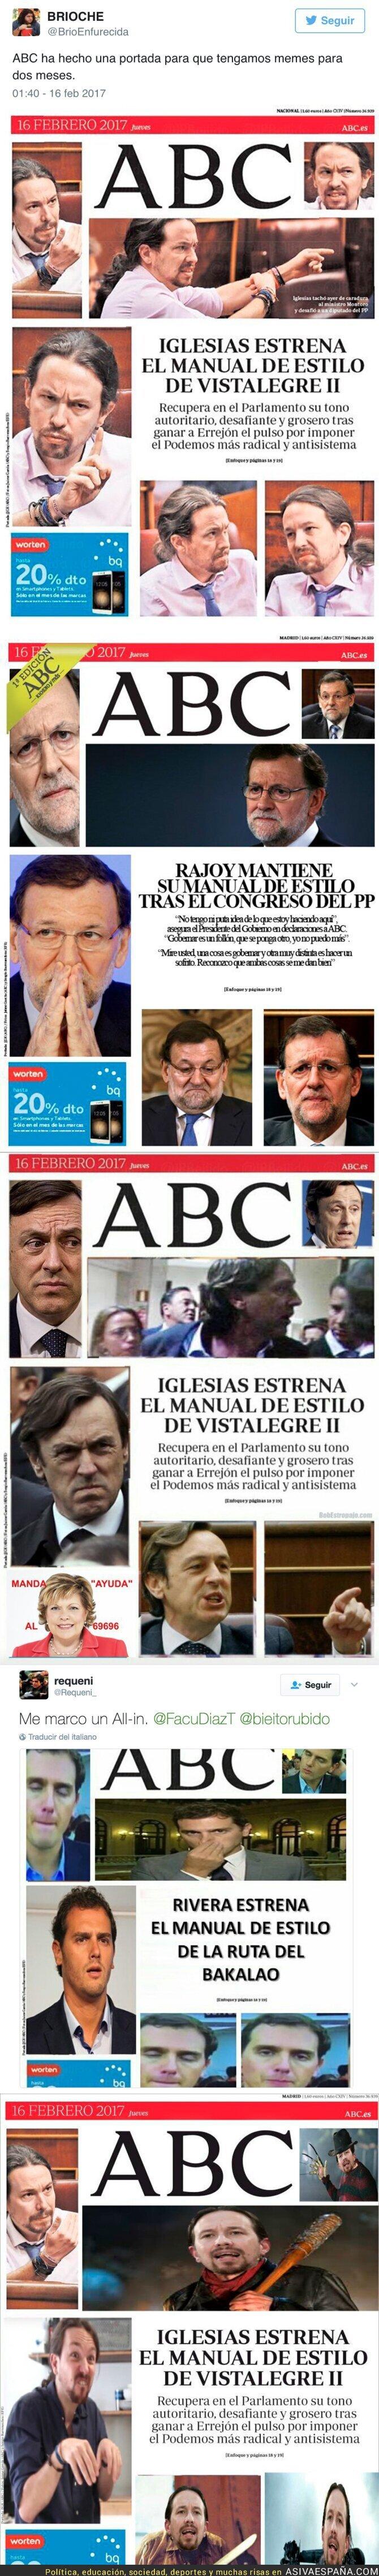 62878 - El ABC saca una portada con caras enfadadas de Pablo Iglesias e internet se llena de parodias